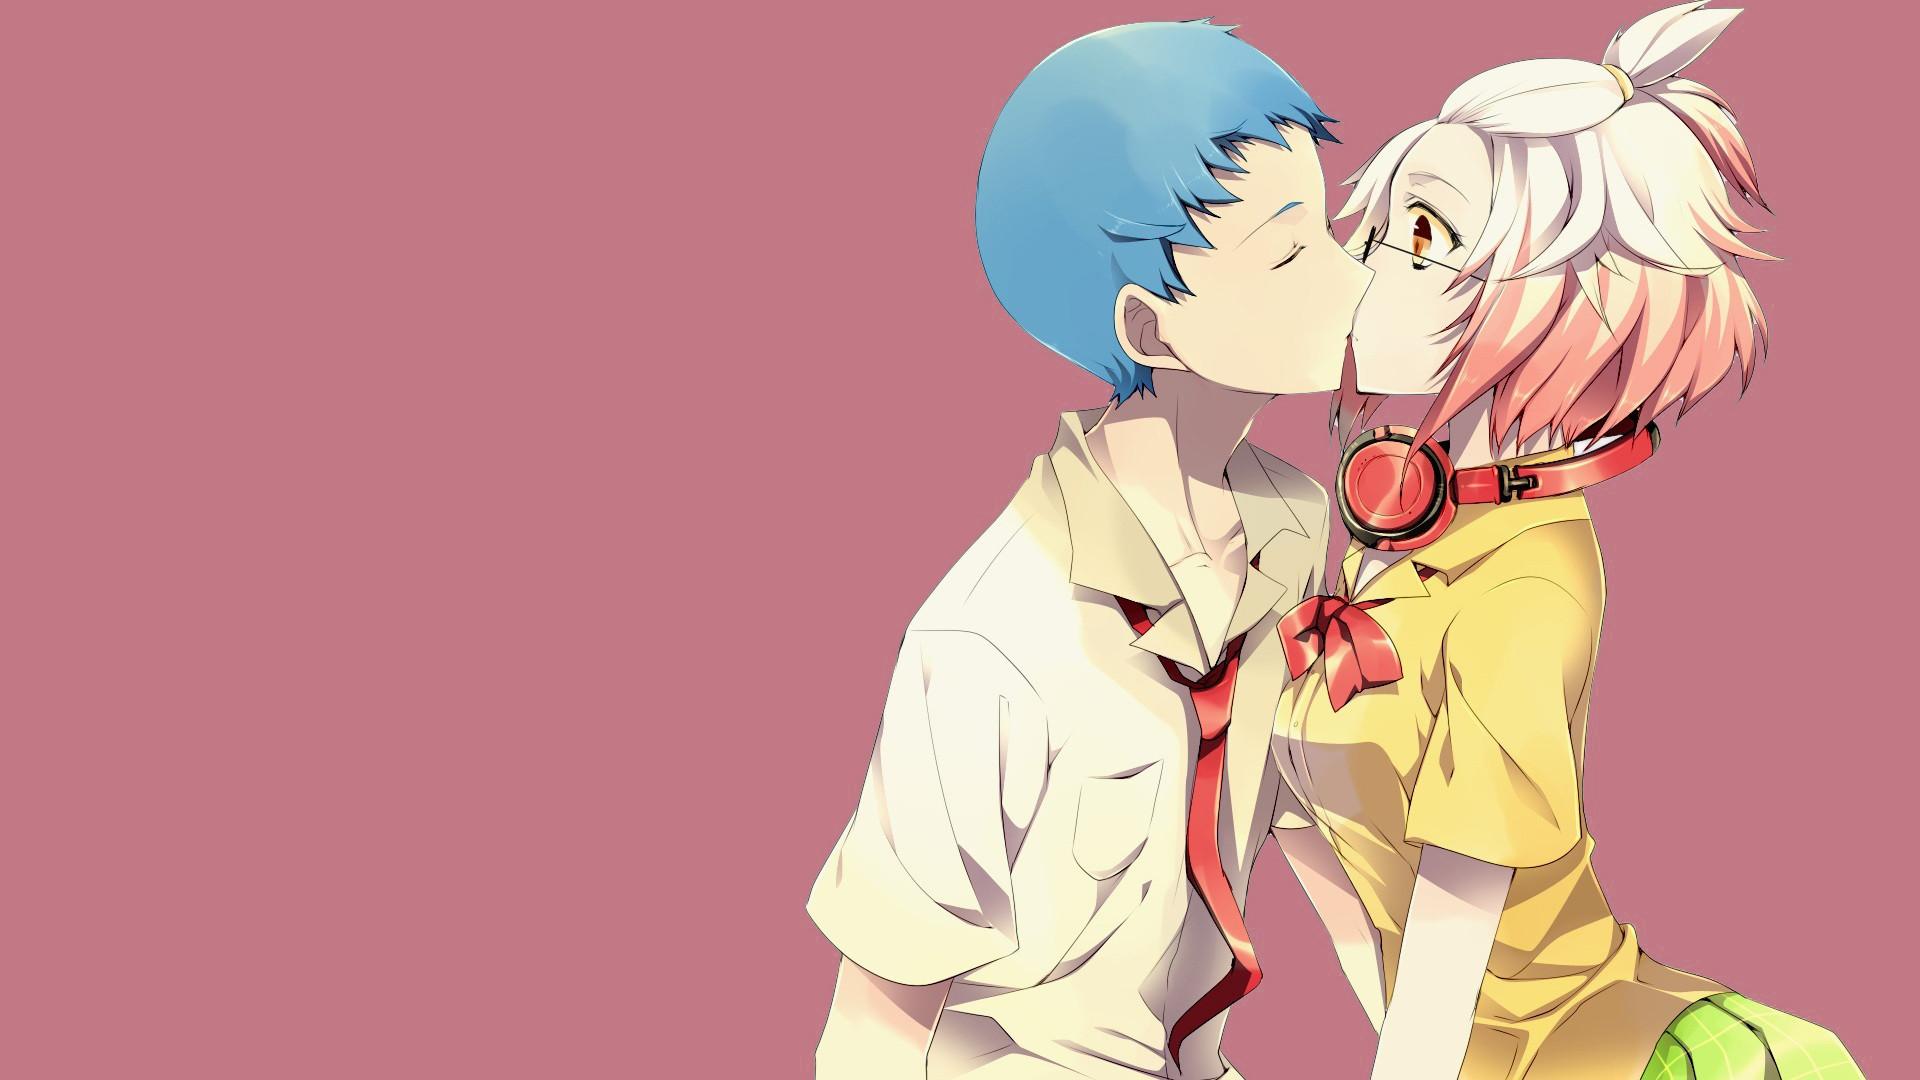 Res: 1920x1080, Anime couple surprise kiss